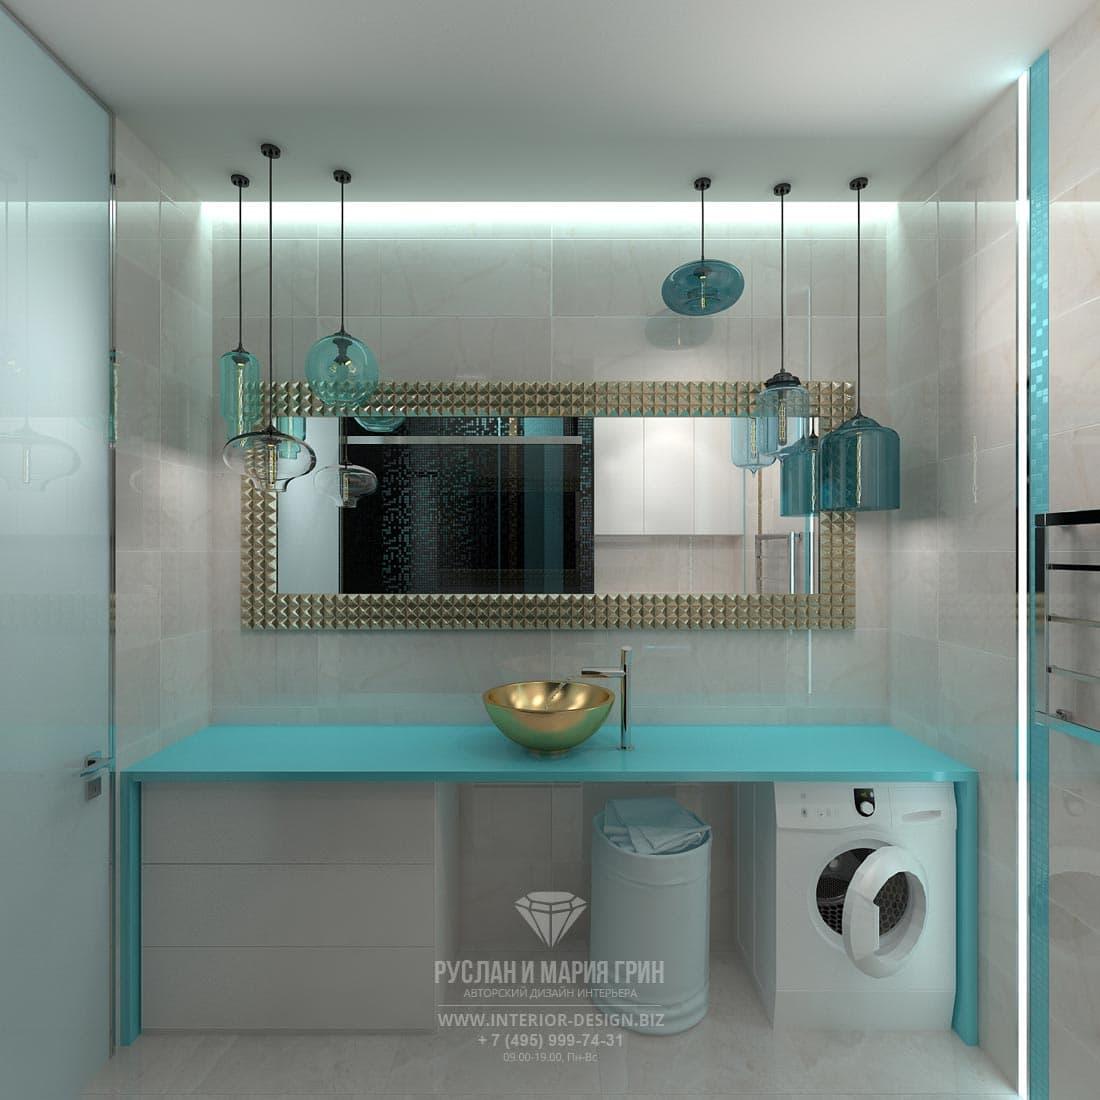 Аквамариновая ванная комната с отделкой серой плиткой